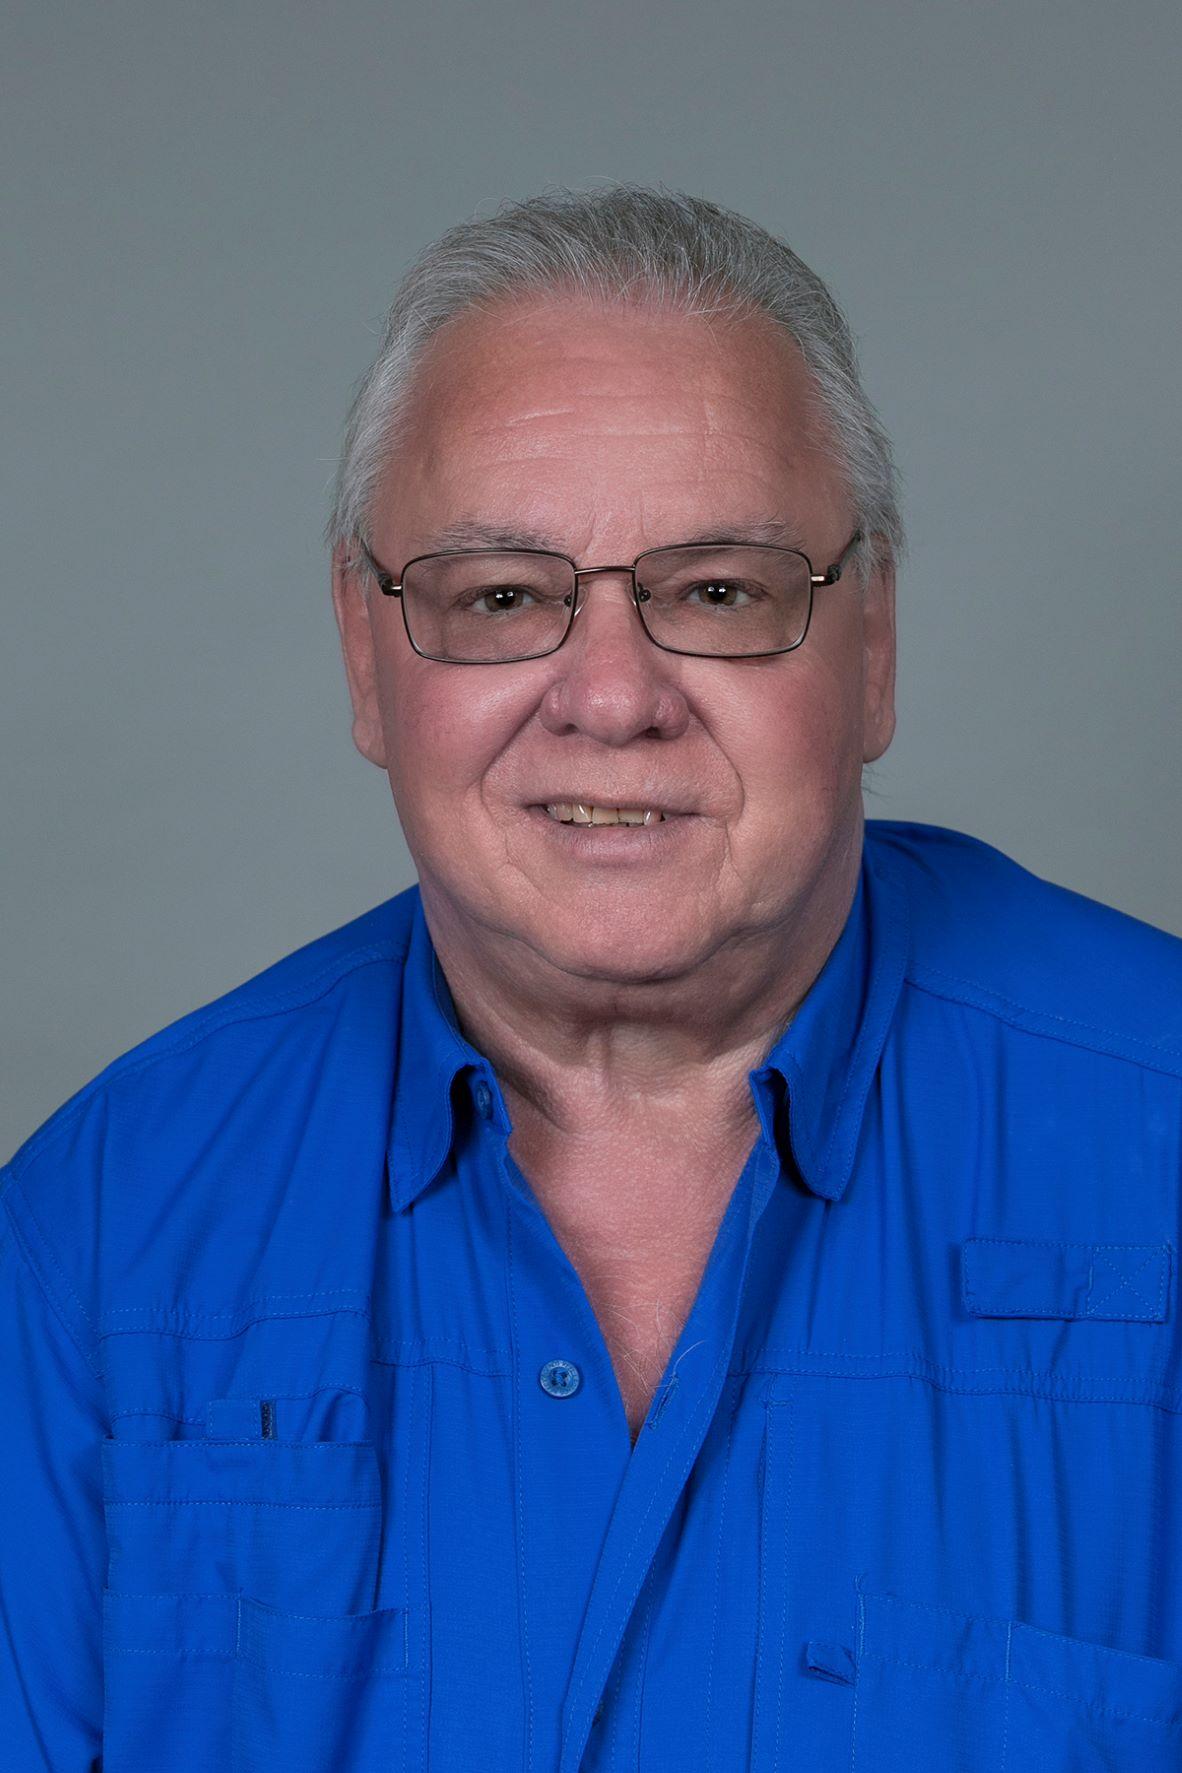 Michael Renaud